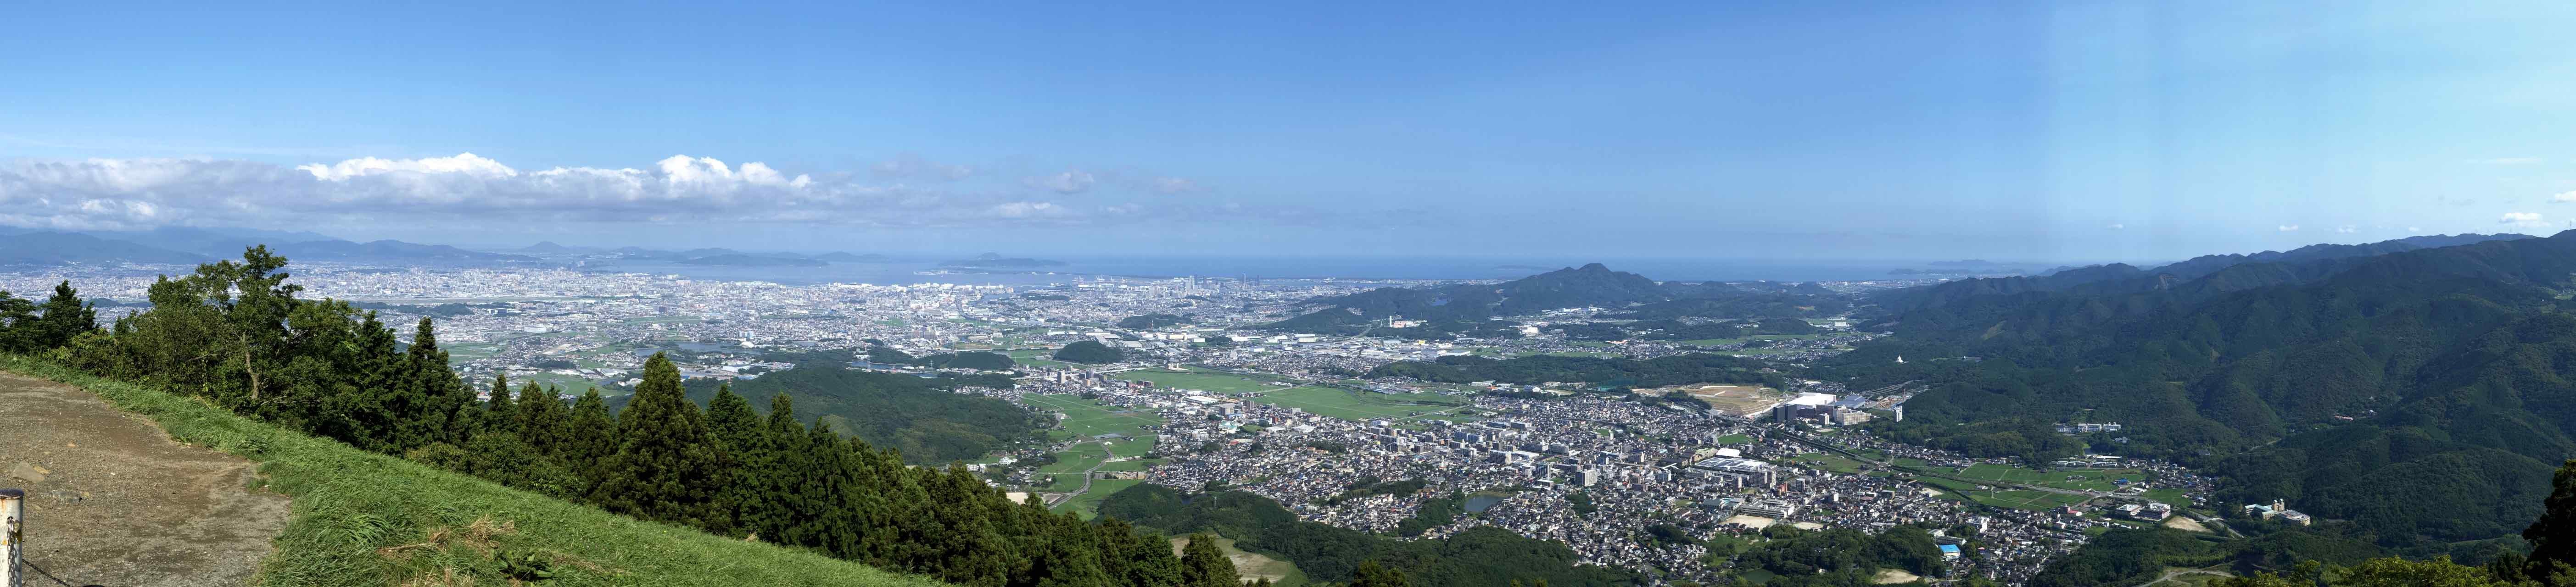 米の山展望台より_b0023047_03393341.jpg